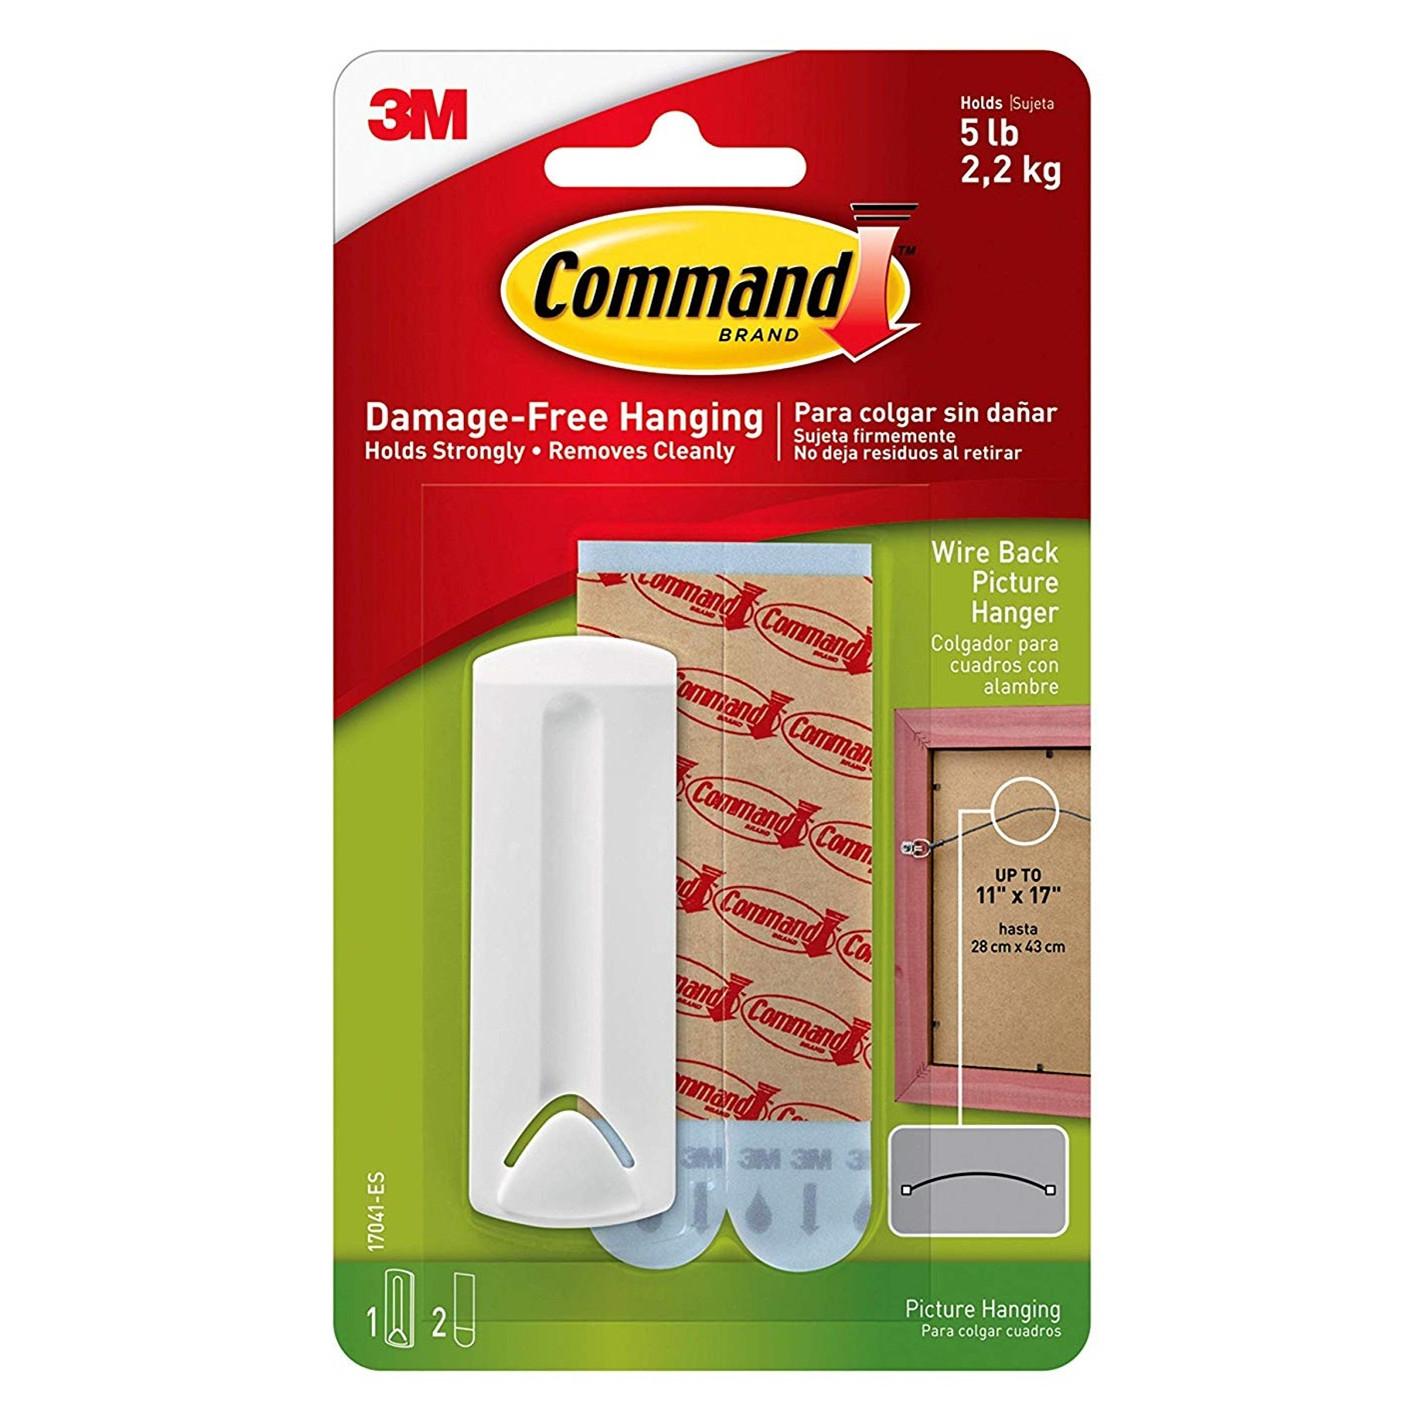 3M Command billedophæng til wire, hvid, 1 ophæng + 2 vandbestan